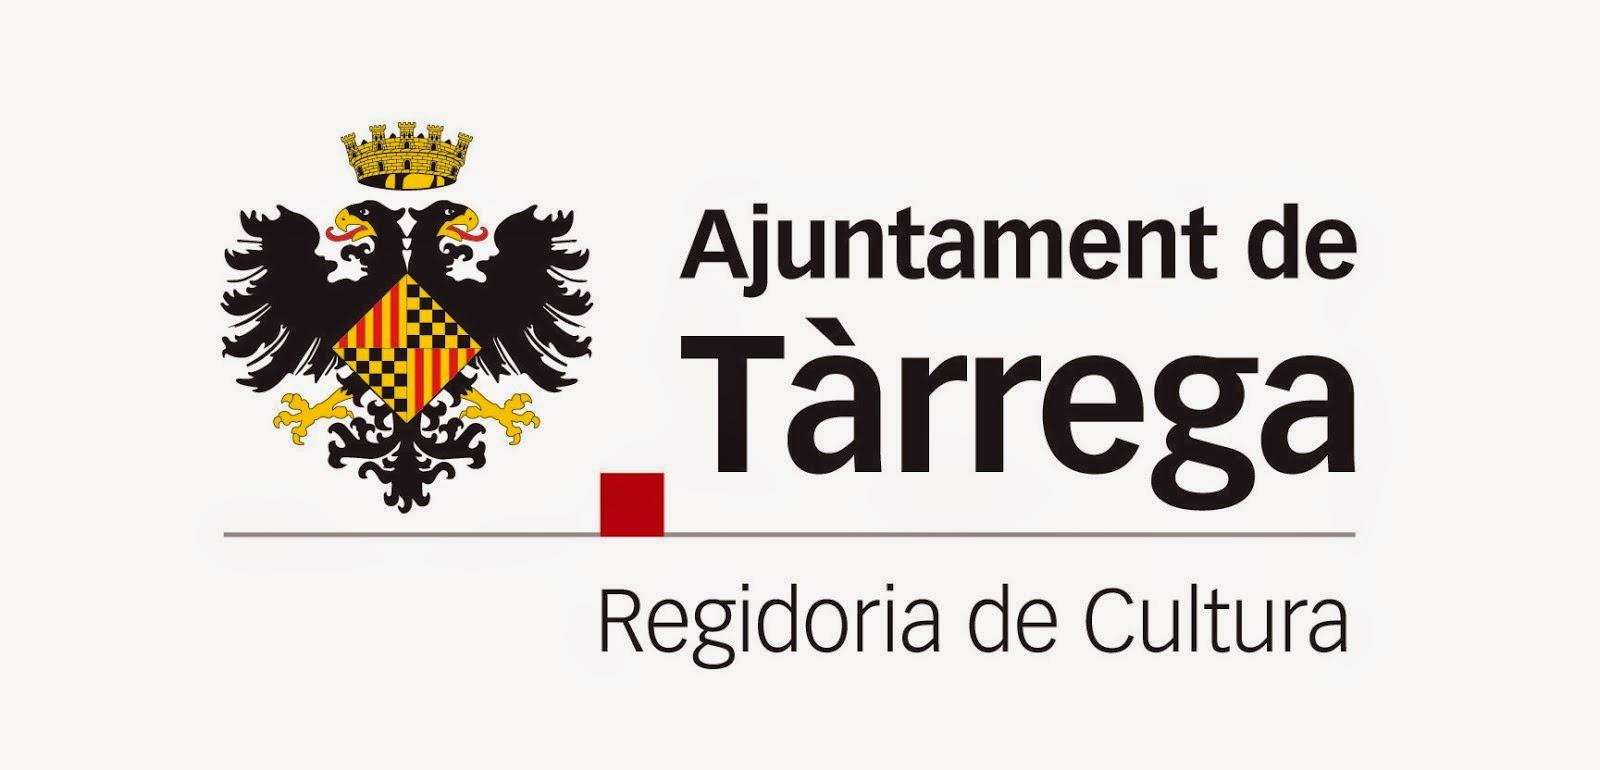 Accedeix al web de l'Ajuntament de Tàrrega